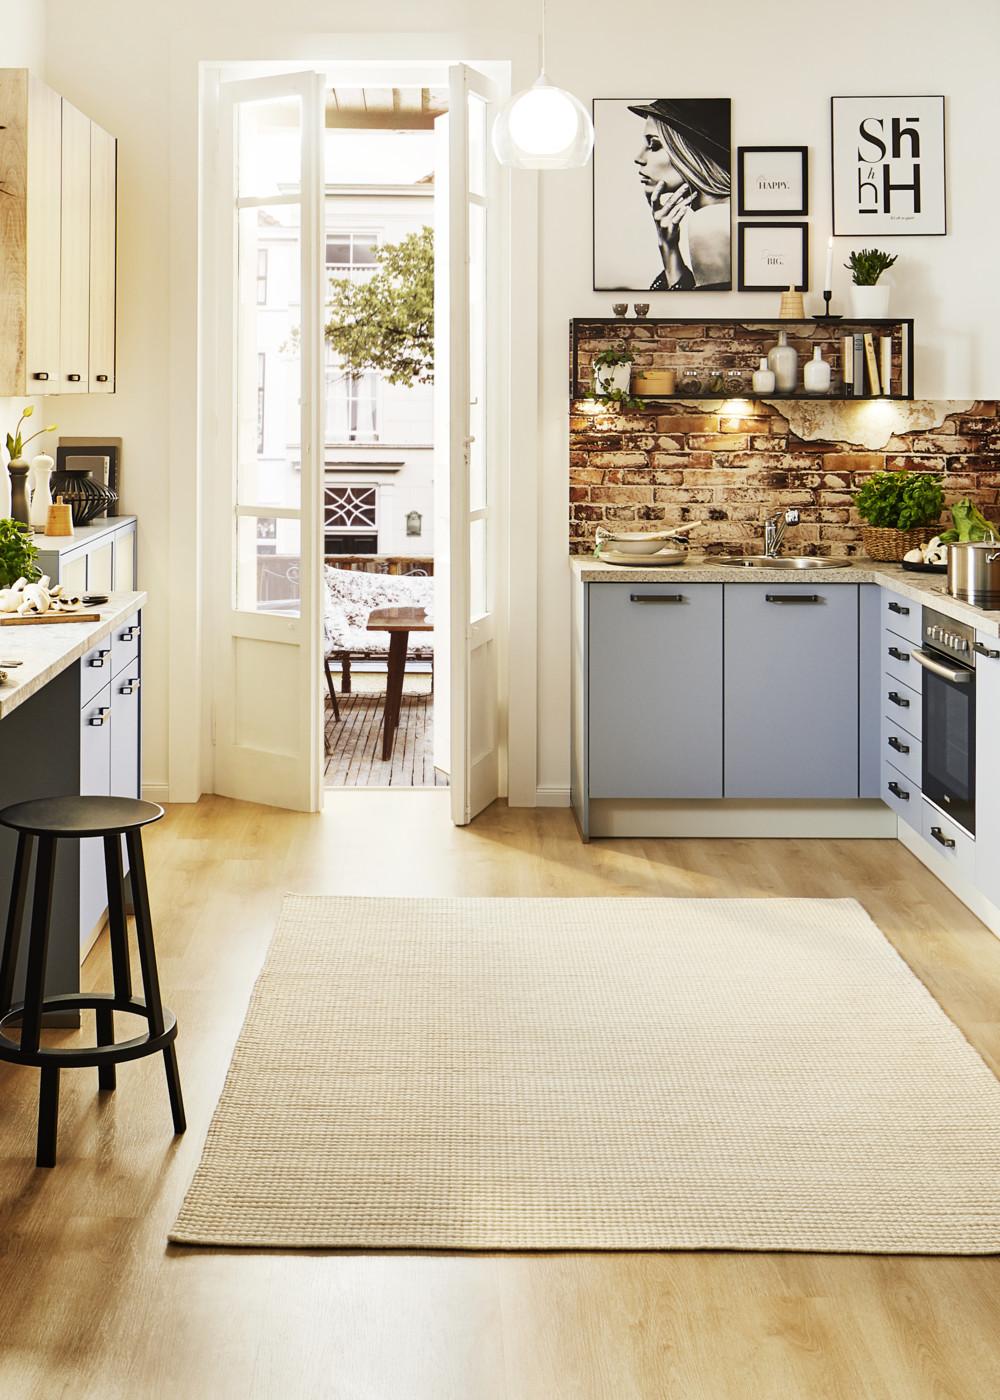 Full Size of Home Kchen Wohnzimmer Küchenblende